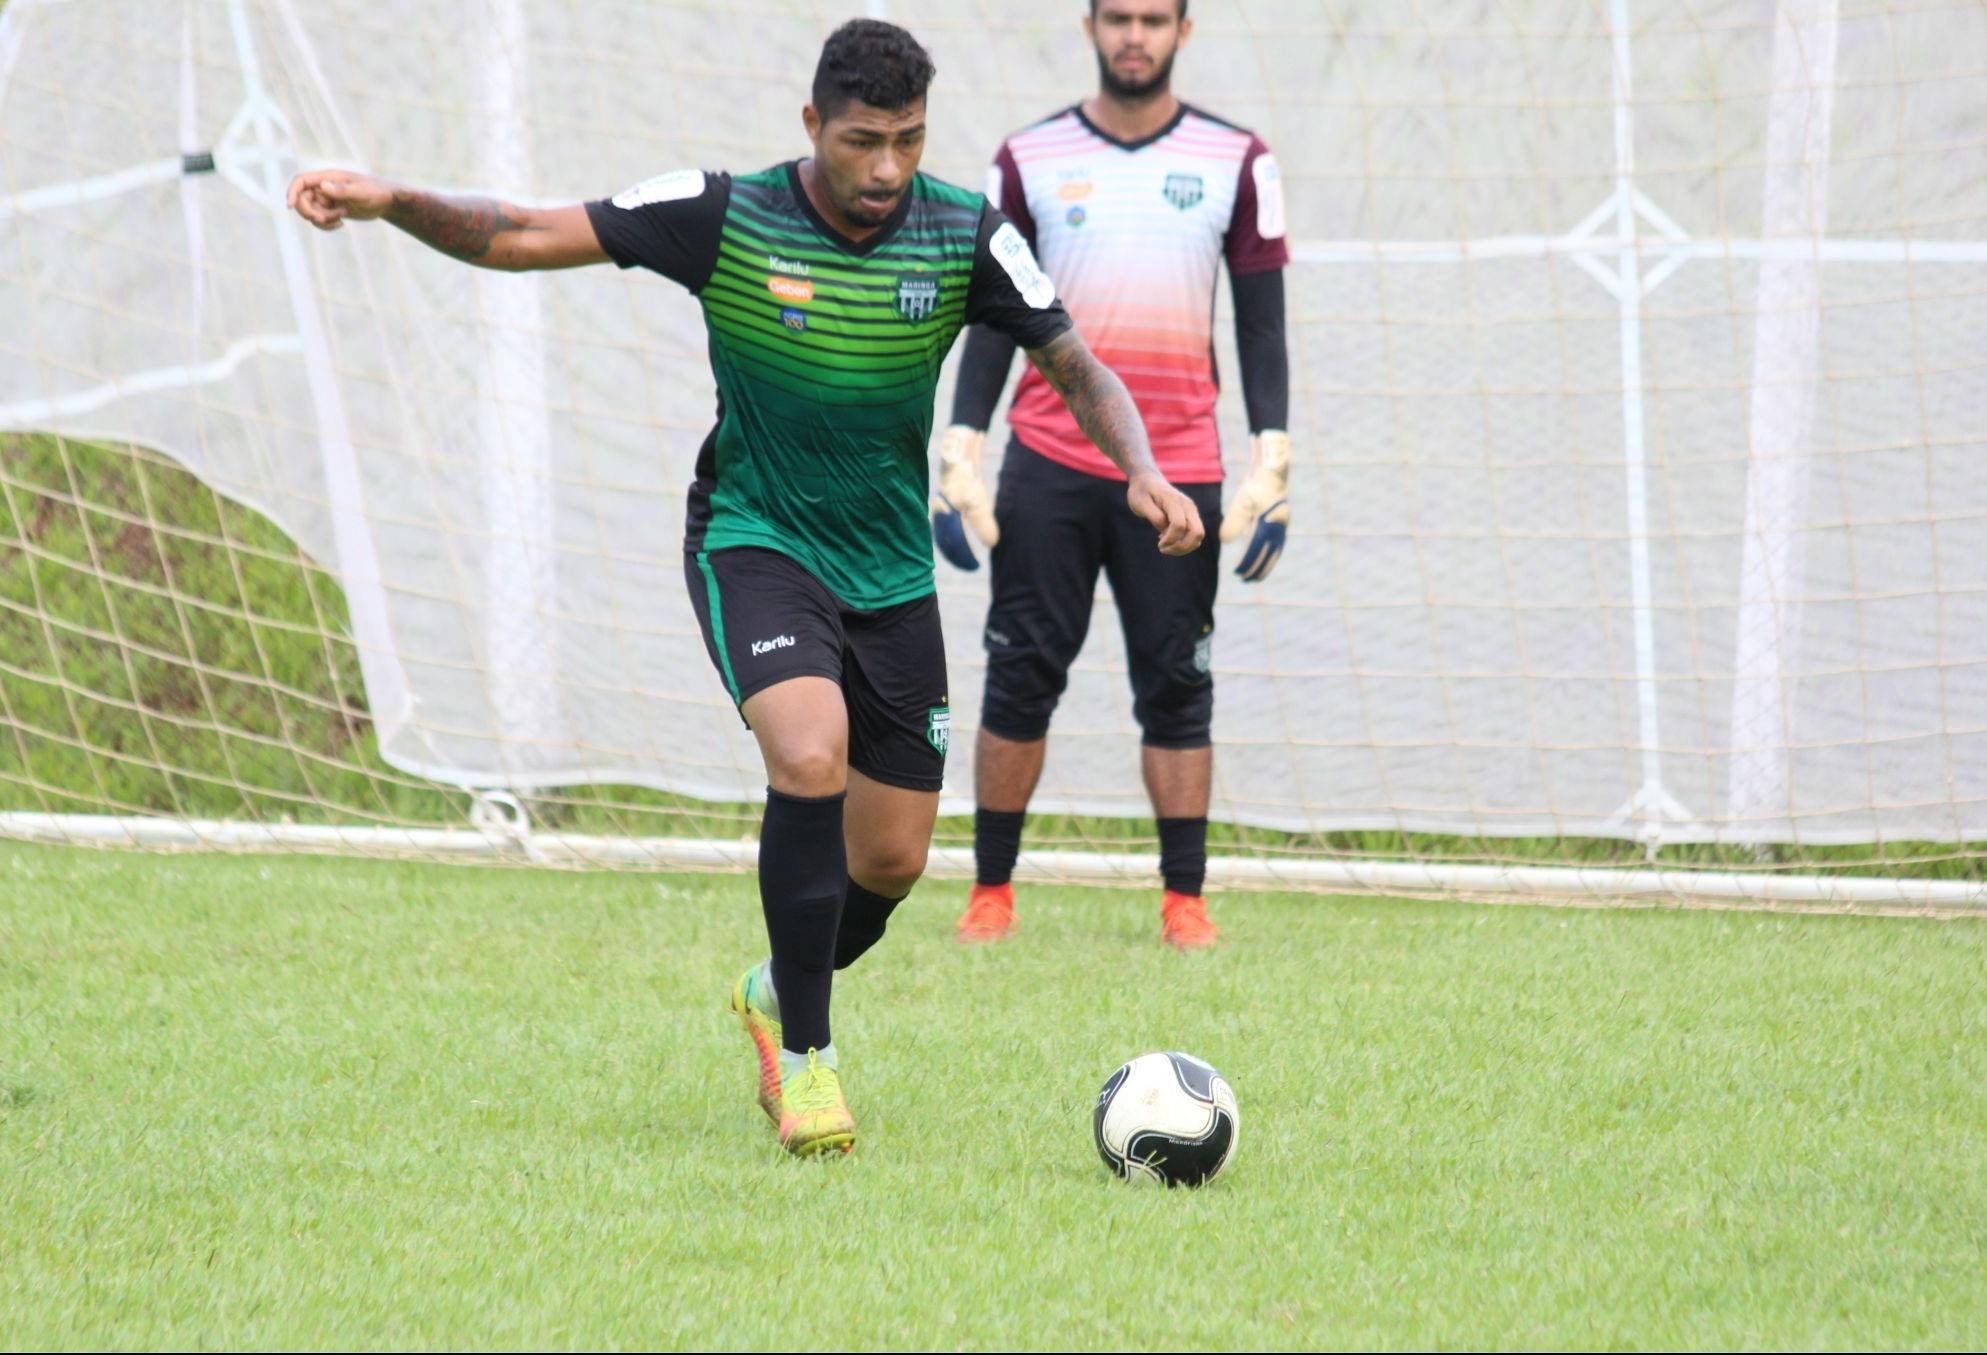 Seis atletas são dispensados do Maringá FC